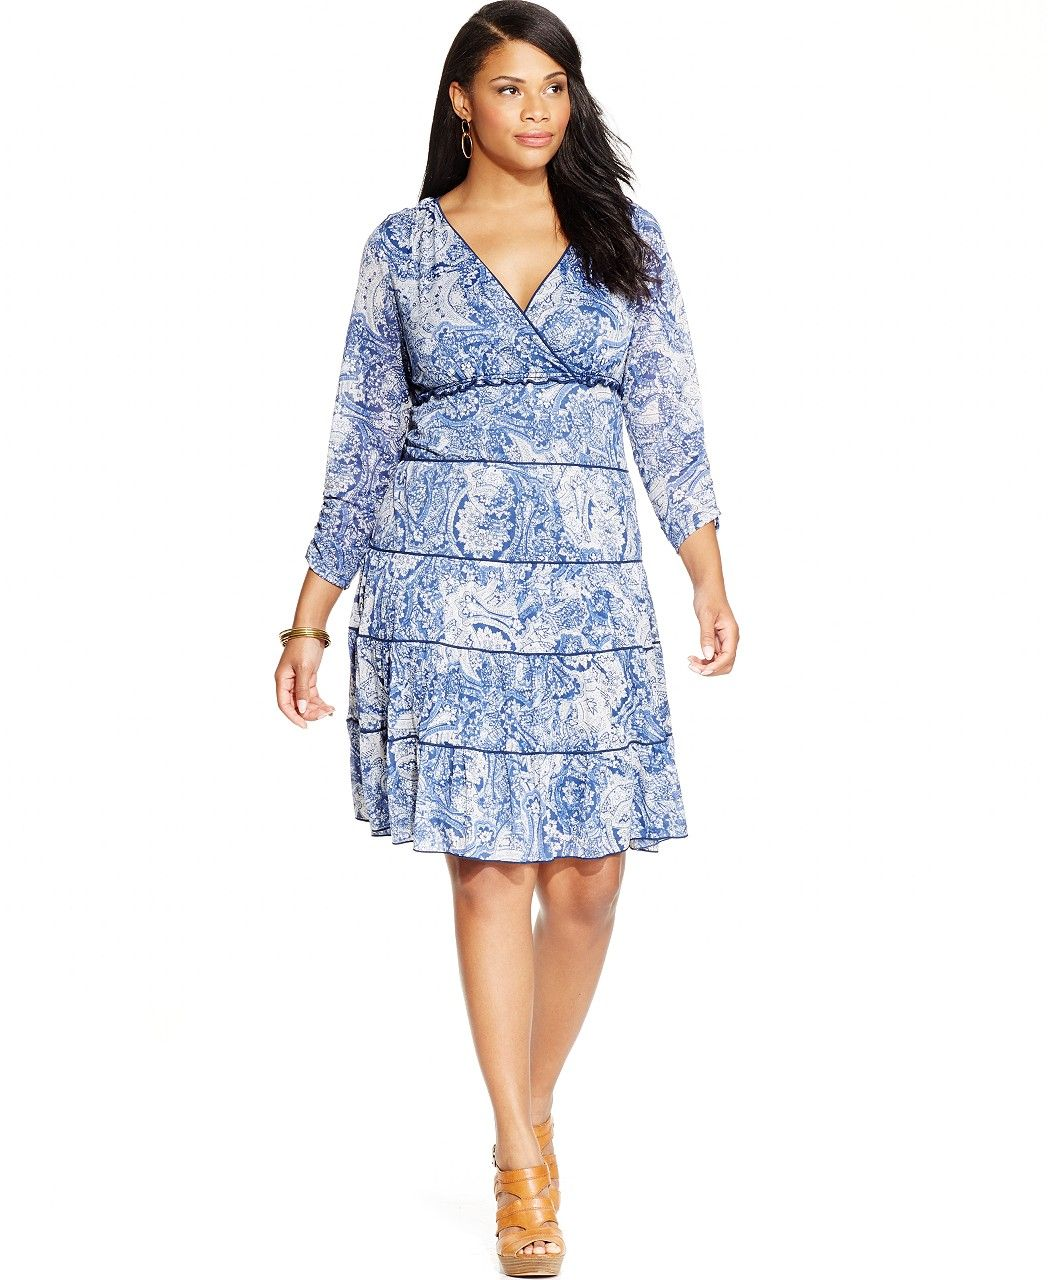 7915e2dd693a Macys Womens Dresses On Sale | Saddha